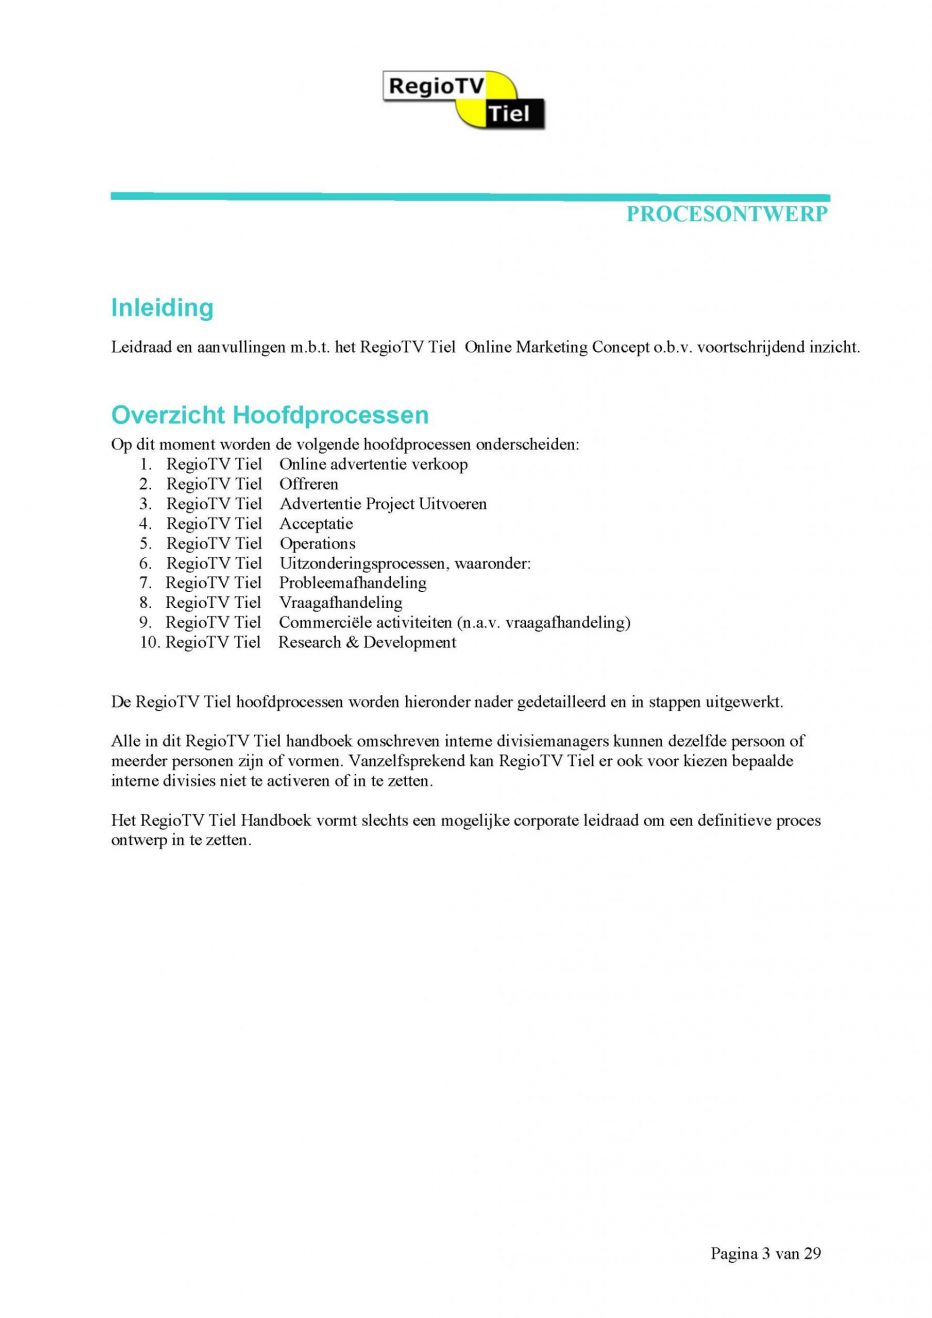 15.-RegioTV-Tiel-Procesontwerp-Handboek_Pagina_03-1-scaled.jpg